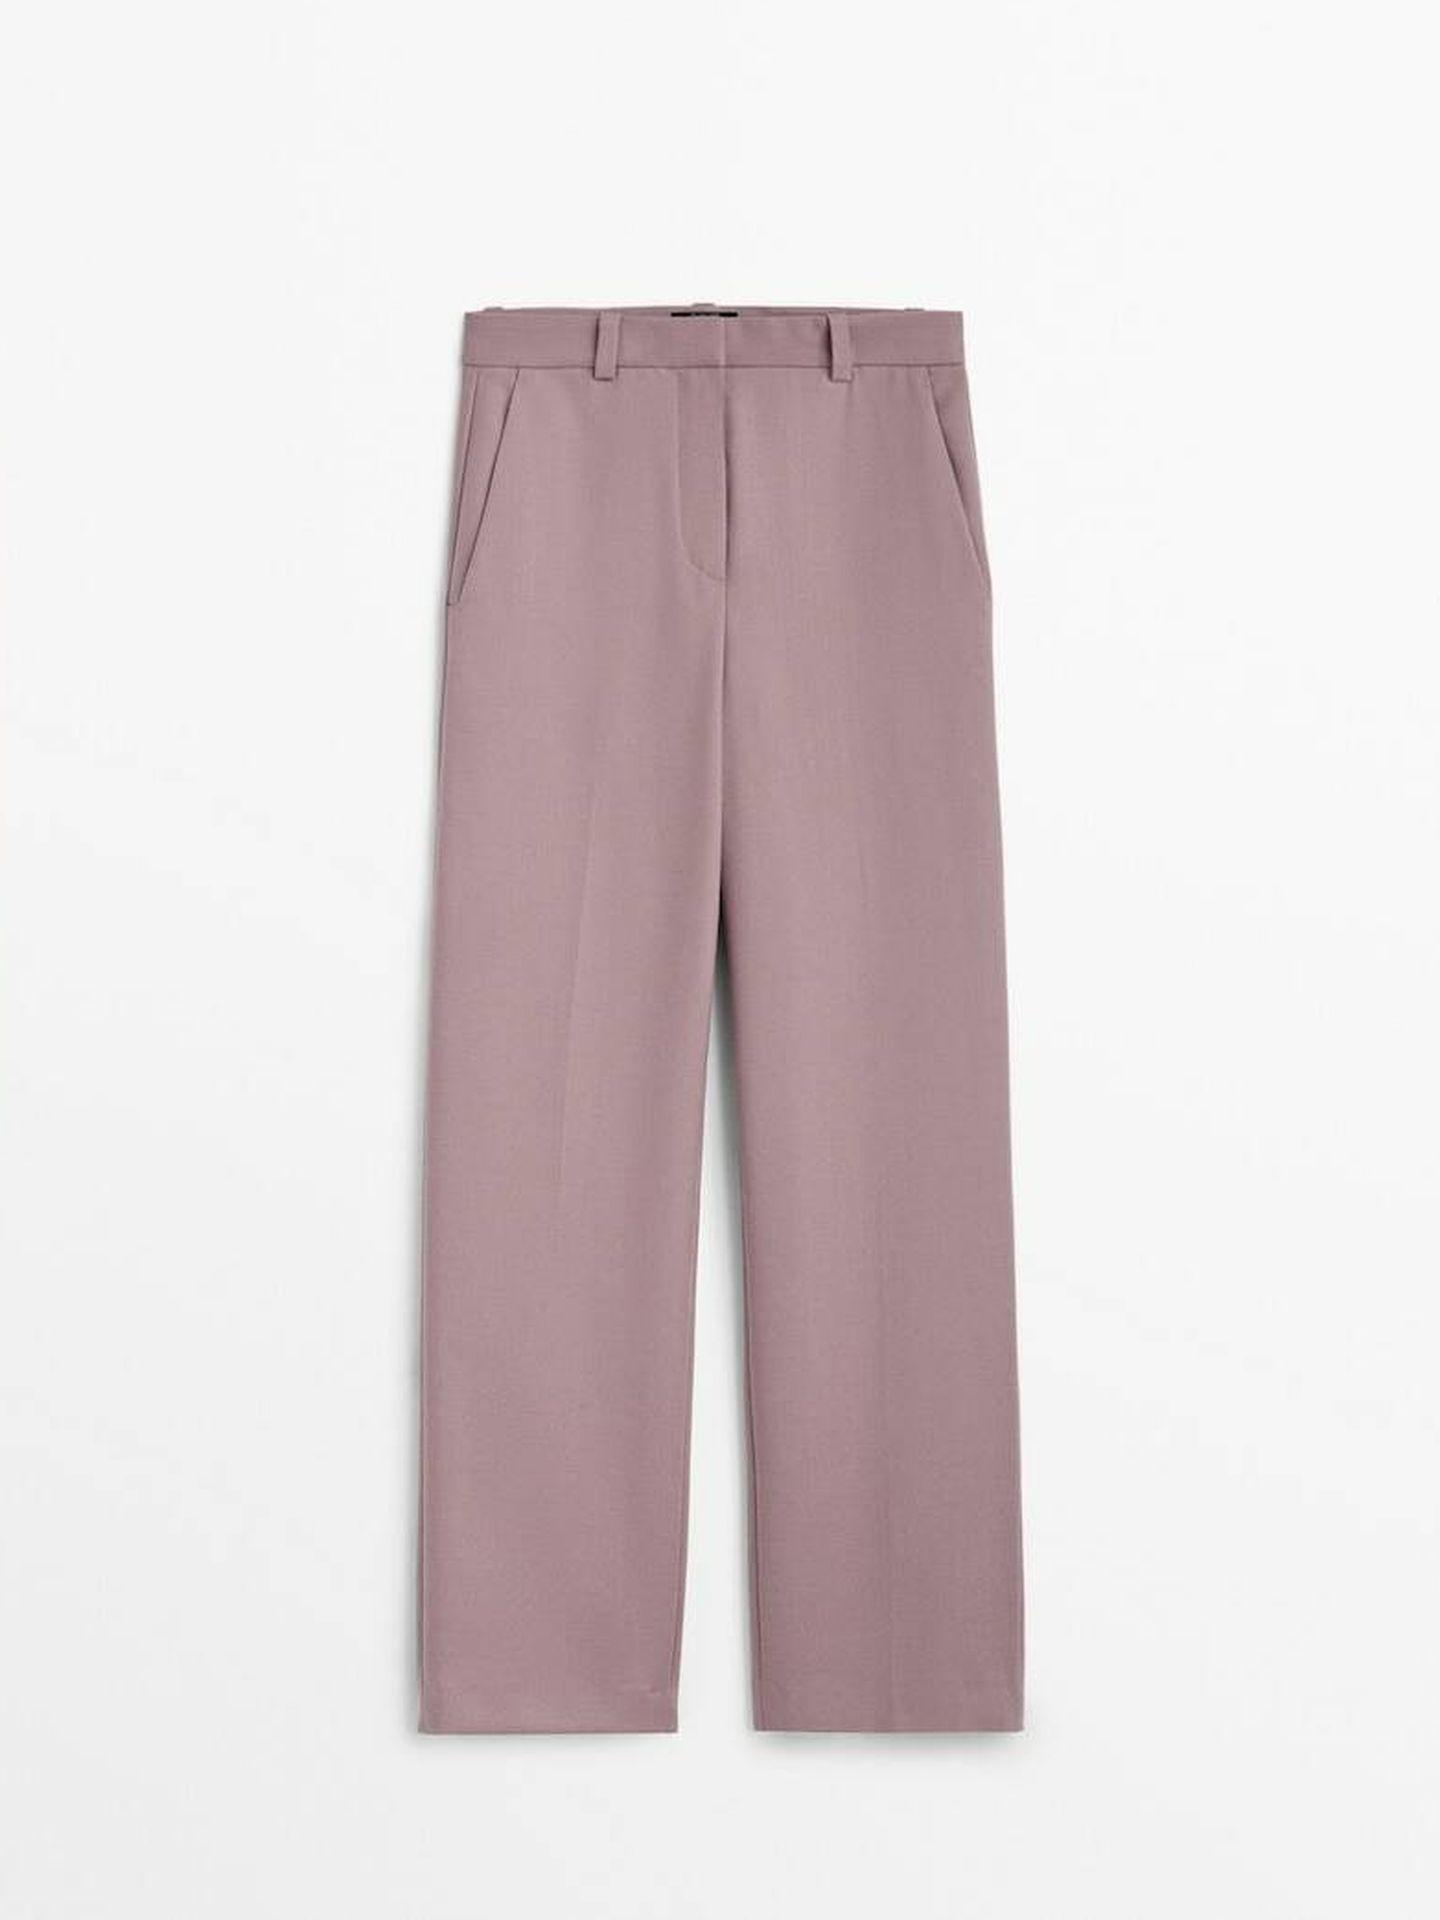 Pantalón de vestir de Massimo Dutti. (Cortesía)